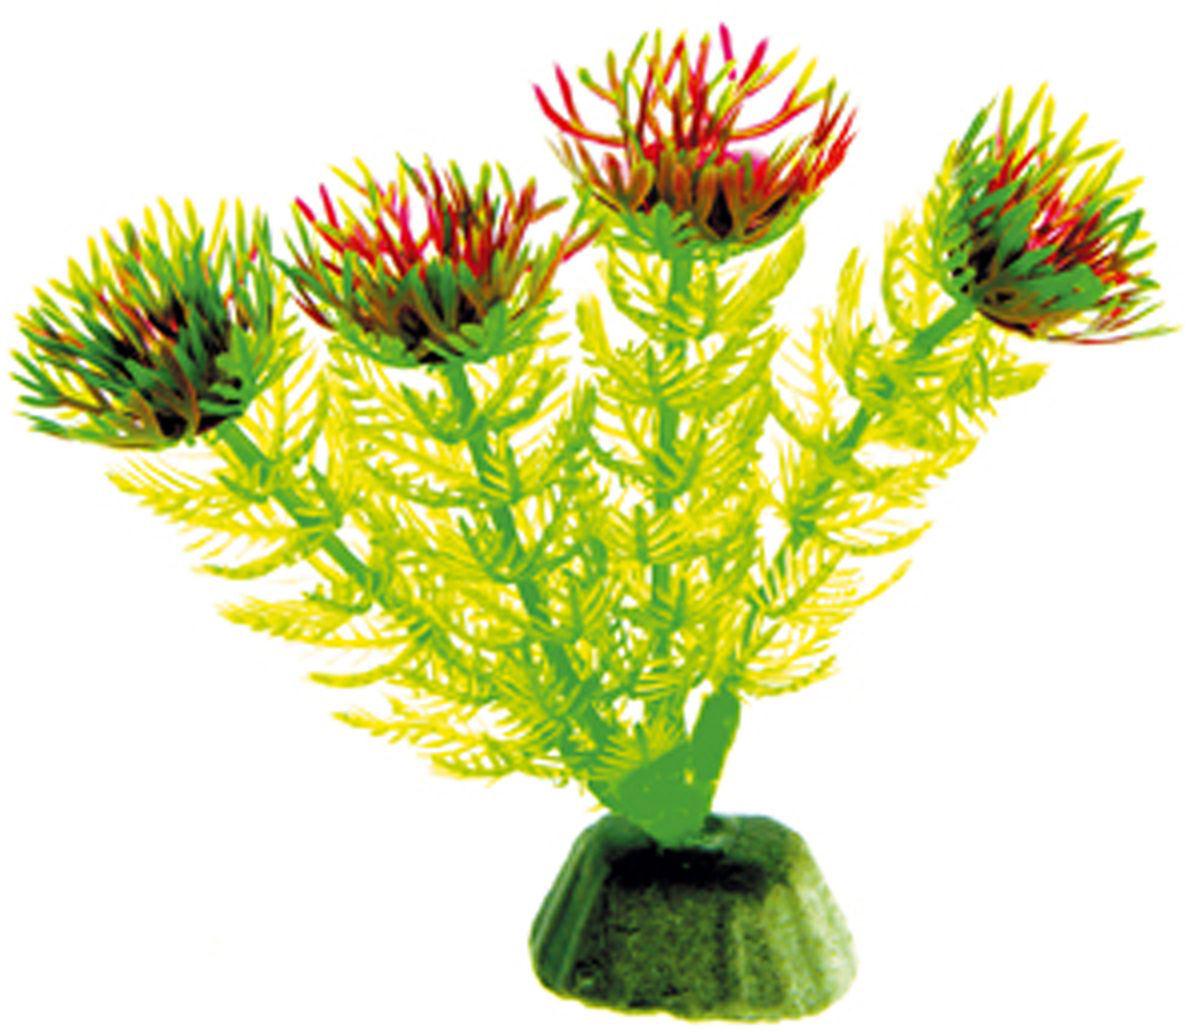 Искусственное растение для аквариума Dezzie, 10 см. 56020025602002Подводное искусственное растение для аквариума Dezzie является неотъемлемой частью композиции аквариума, радует глаз, а также может быть уютным убежищем для рыб и других обитателей аквариума.Пластиковое растение имеет устойчивое дно, которое не нуждается в дополнительном утяжелении и легко устанавливается в грунт. Растение очень практично в использовании, имеет стойкую к воздействию воды окраску и не требует обременительного ухода. Его можно легко достать и протереть тряпкой во время уборки аквариума.Растения из пластика создадут неповторимый дизайн пресноводного или морского аквариума. Высота растения: 10 см.